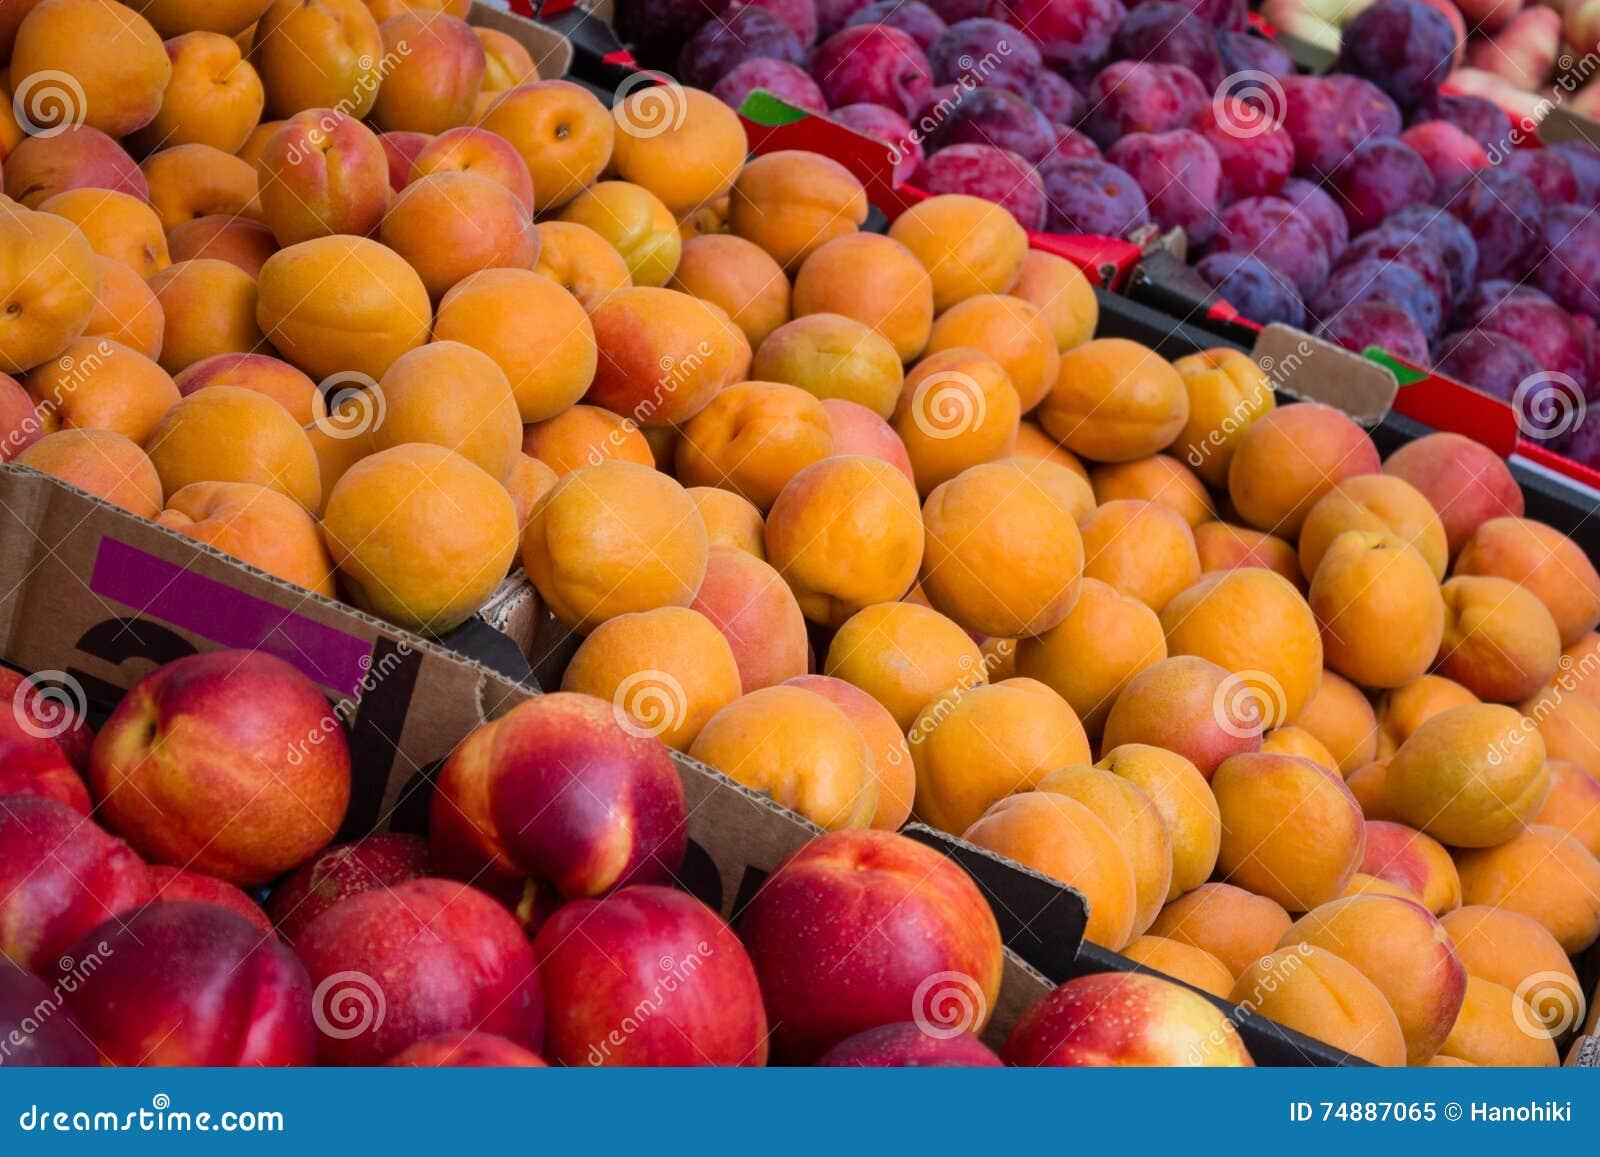 Close up do mercado de fruto - pêssegos, nectarina e ameixas